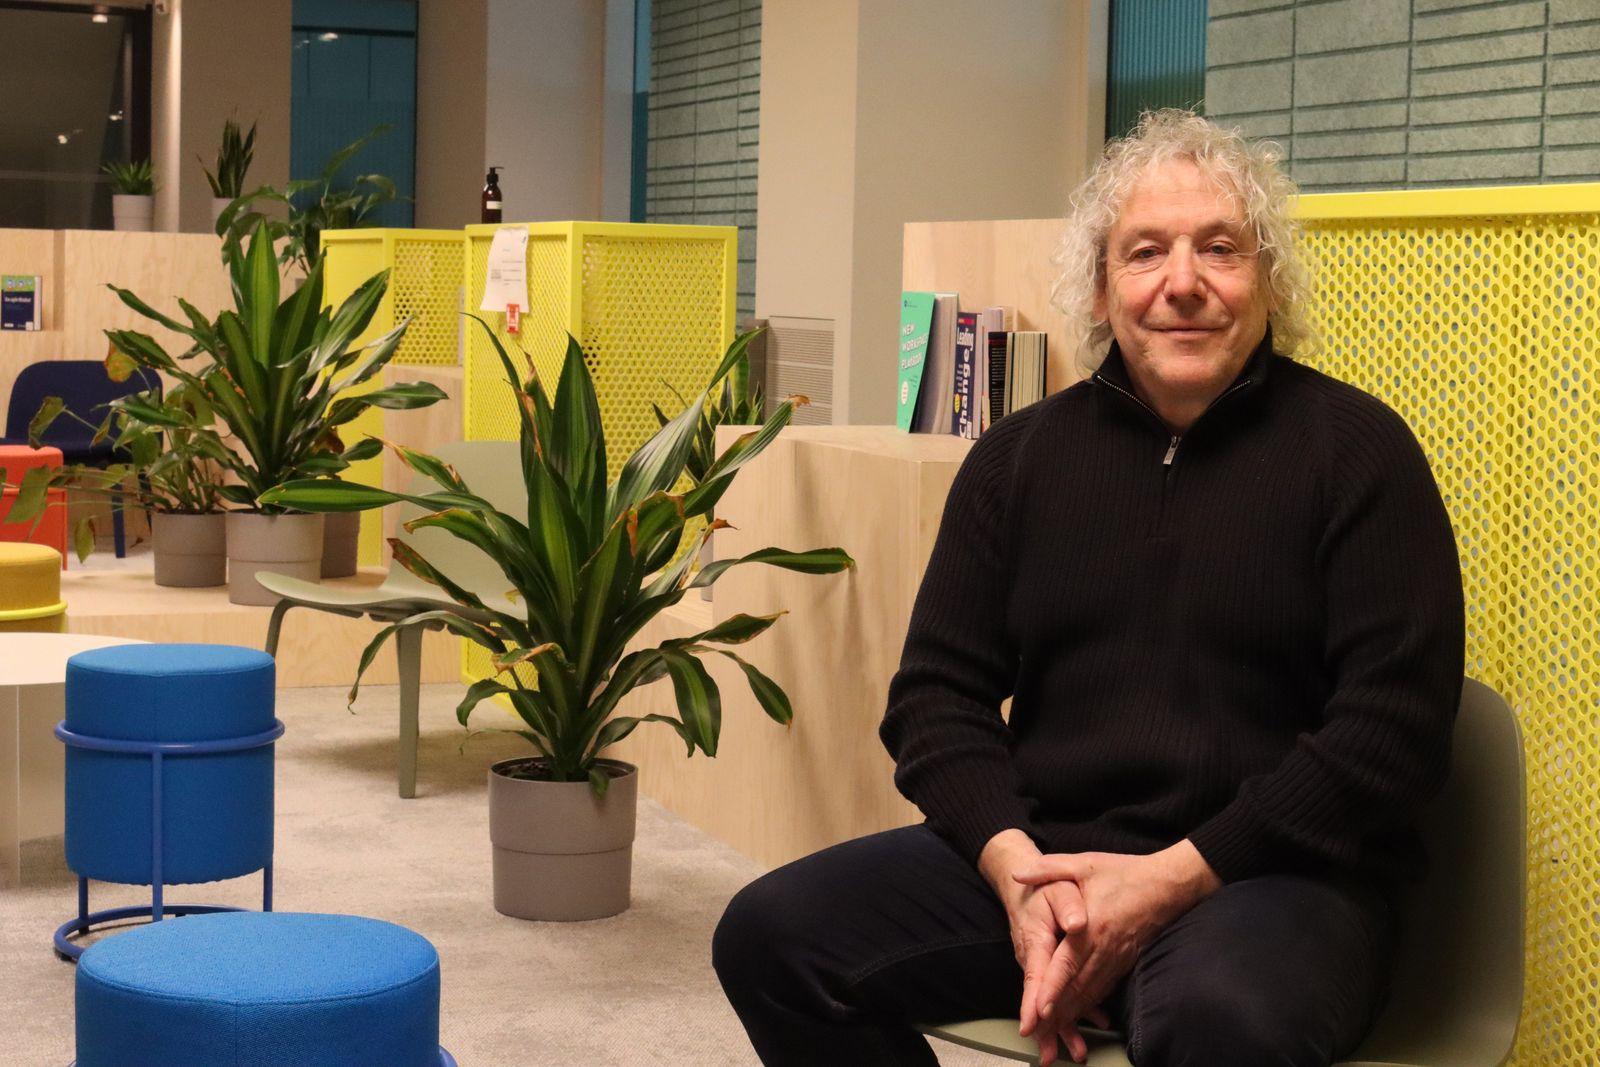 Mobilitätsexperte Prof. Dr. Andreas Knie vom Wissenschaftszentrum Berlin am Standort in der Hardenbergstraße